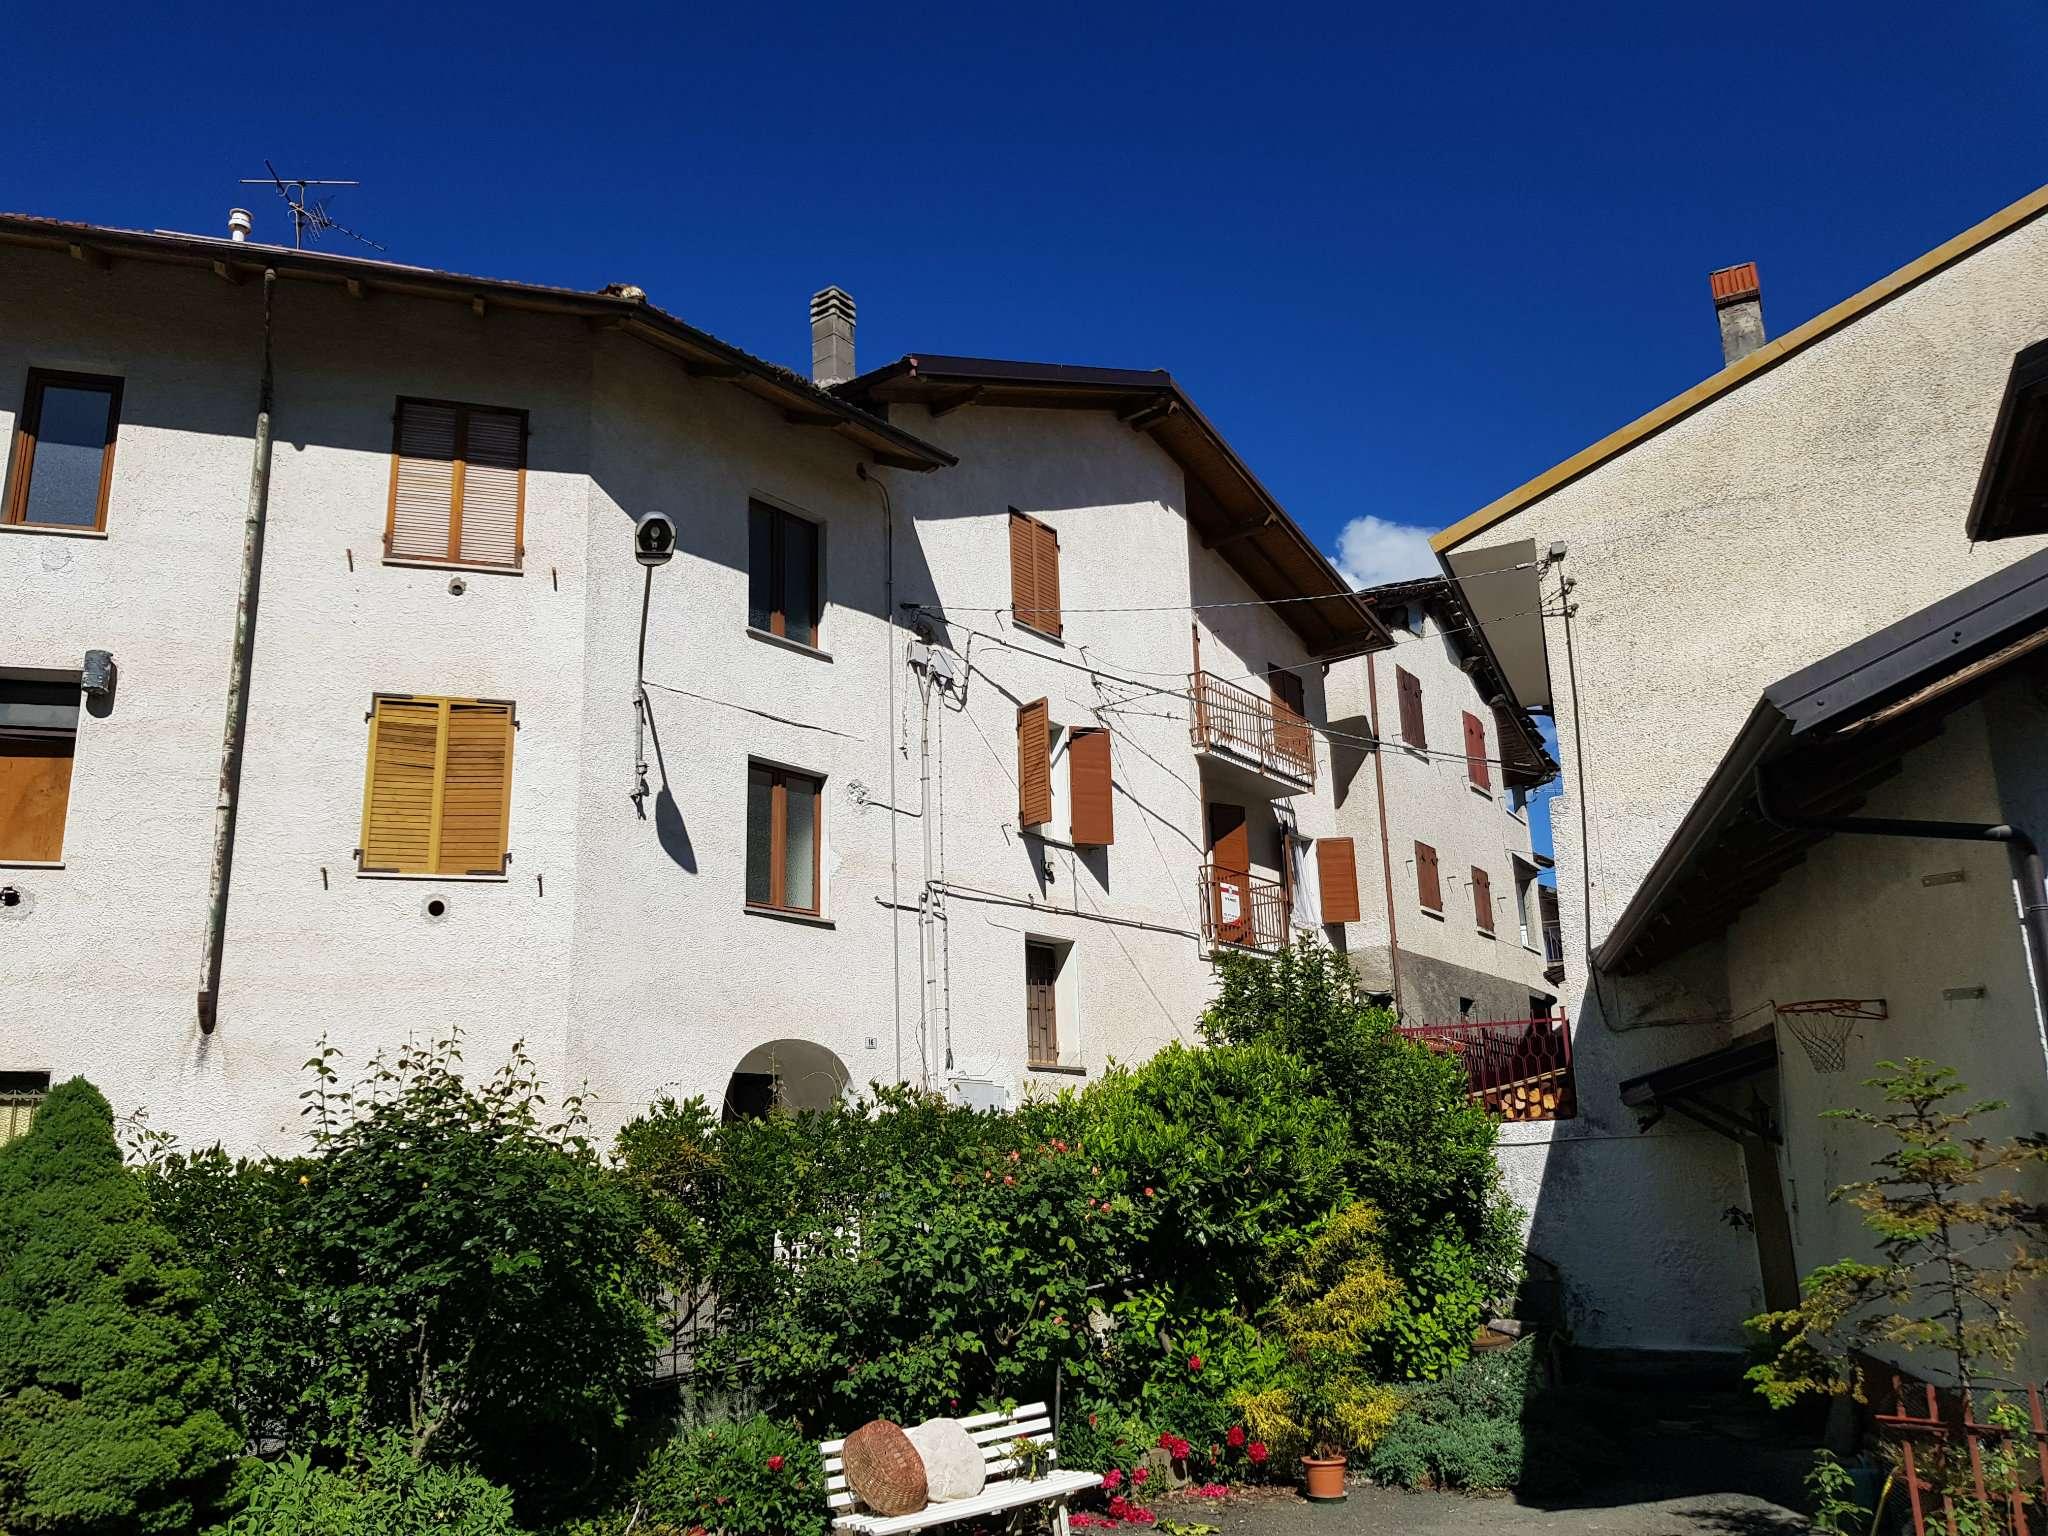 Appartamento in vendita a Meana di Susa, 2 locali, prezzo € 35.000 | CambioCasa.it